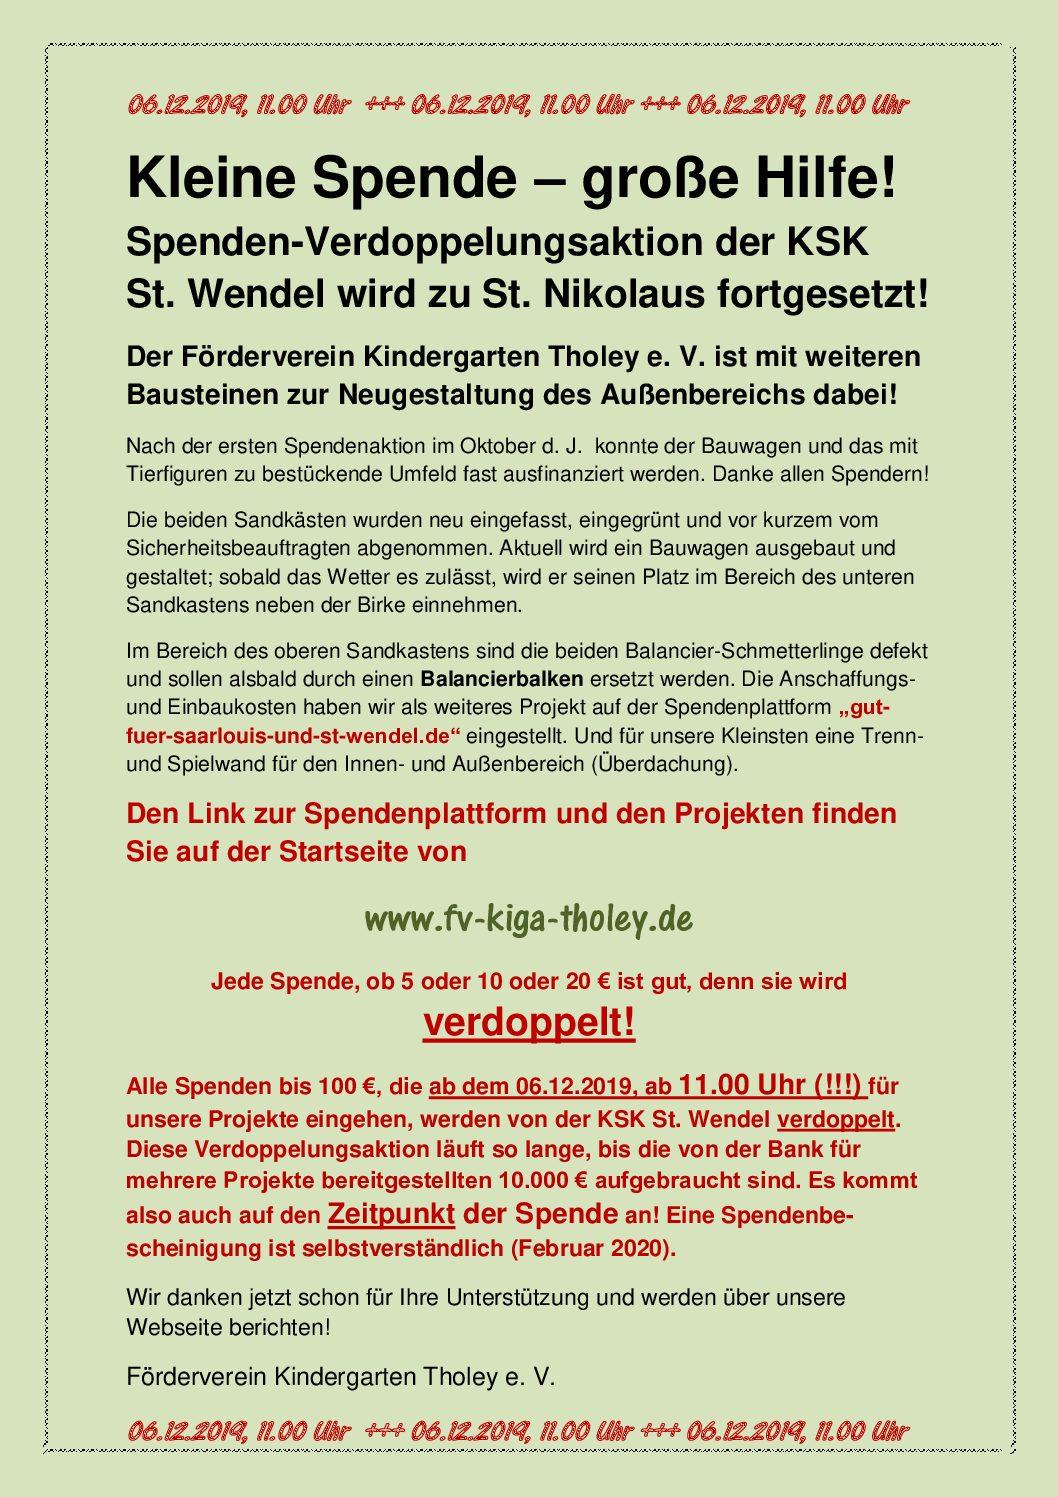 Spendenverdoppelungsaktion der KSK St. Wendel am 06.12.2019